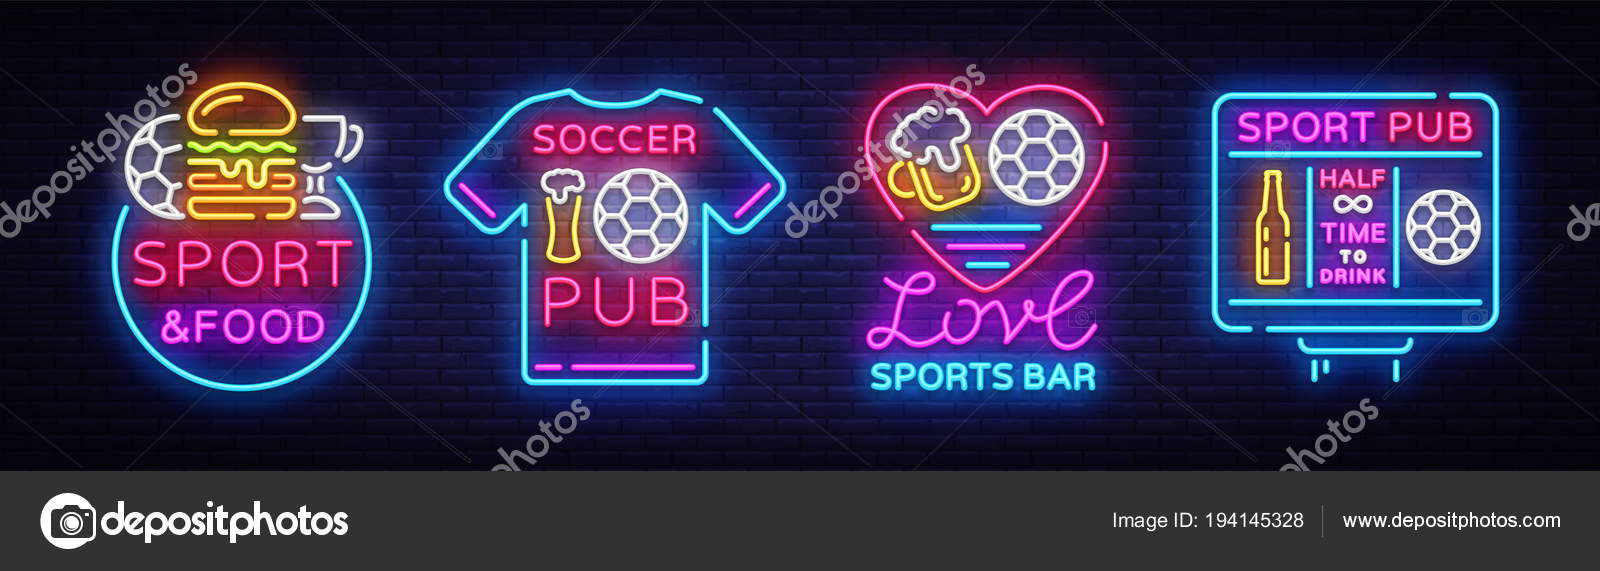 Sports-bar Sammlung Logos Neon Vektor. Sport-Pub schalten ...